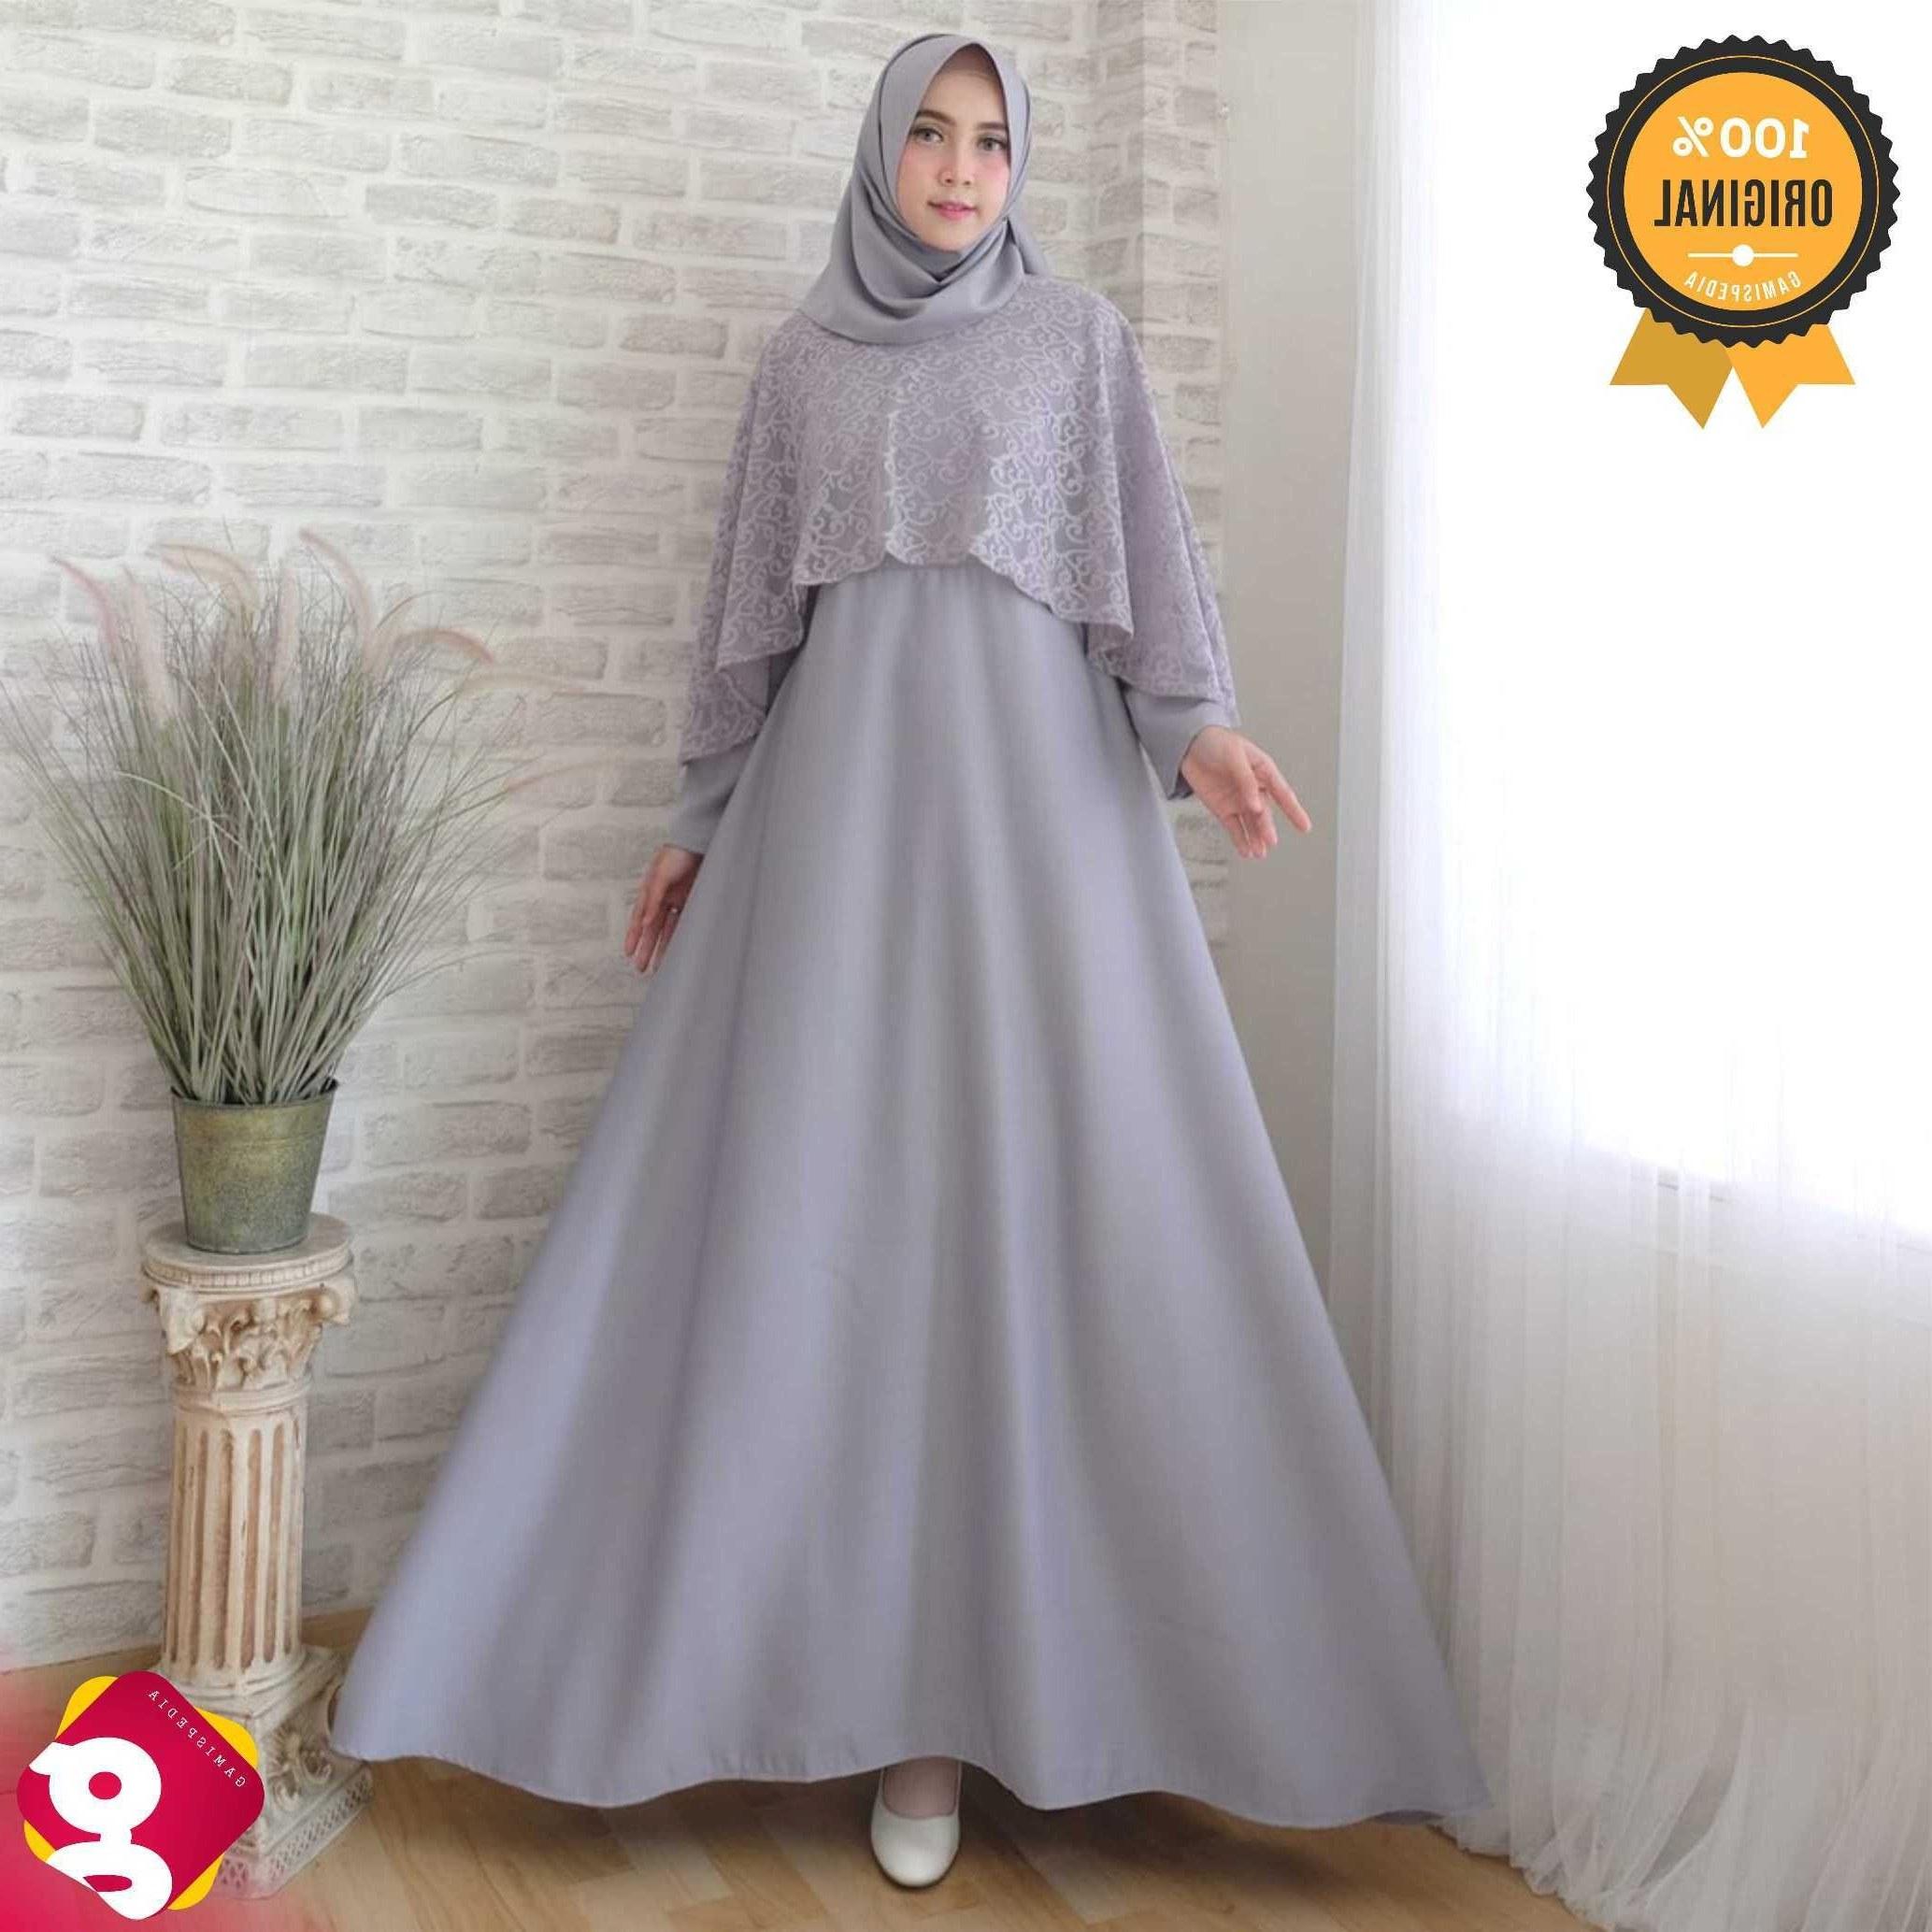 Ide Model Gamis Untuk Pesta Pernikahan Wddj Model Gamis Terbaru Untuk Pesta Pernikahan